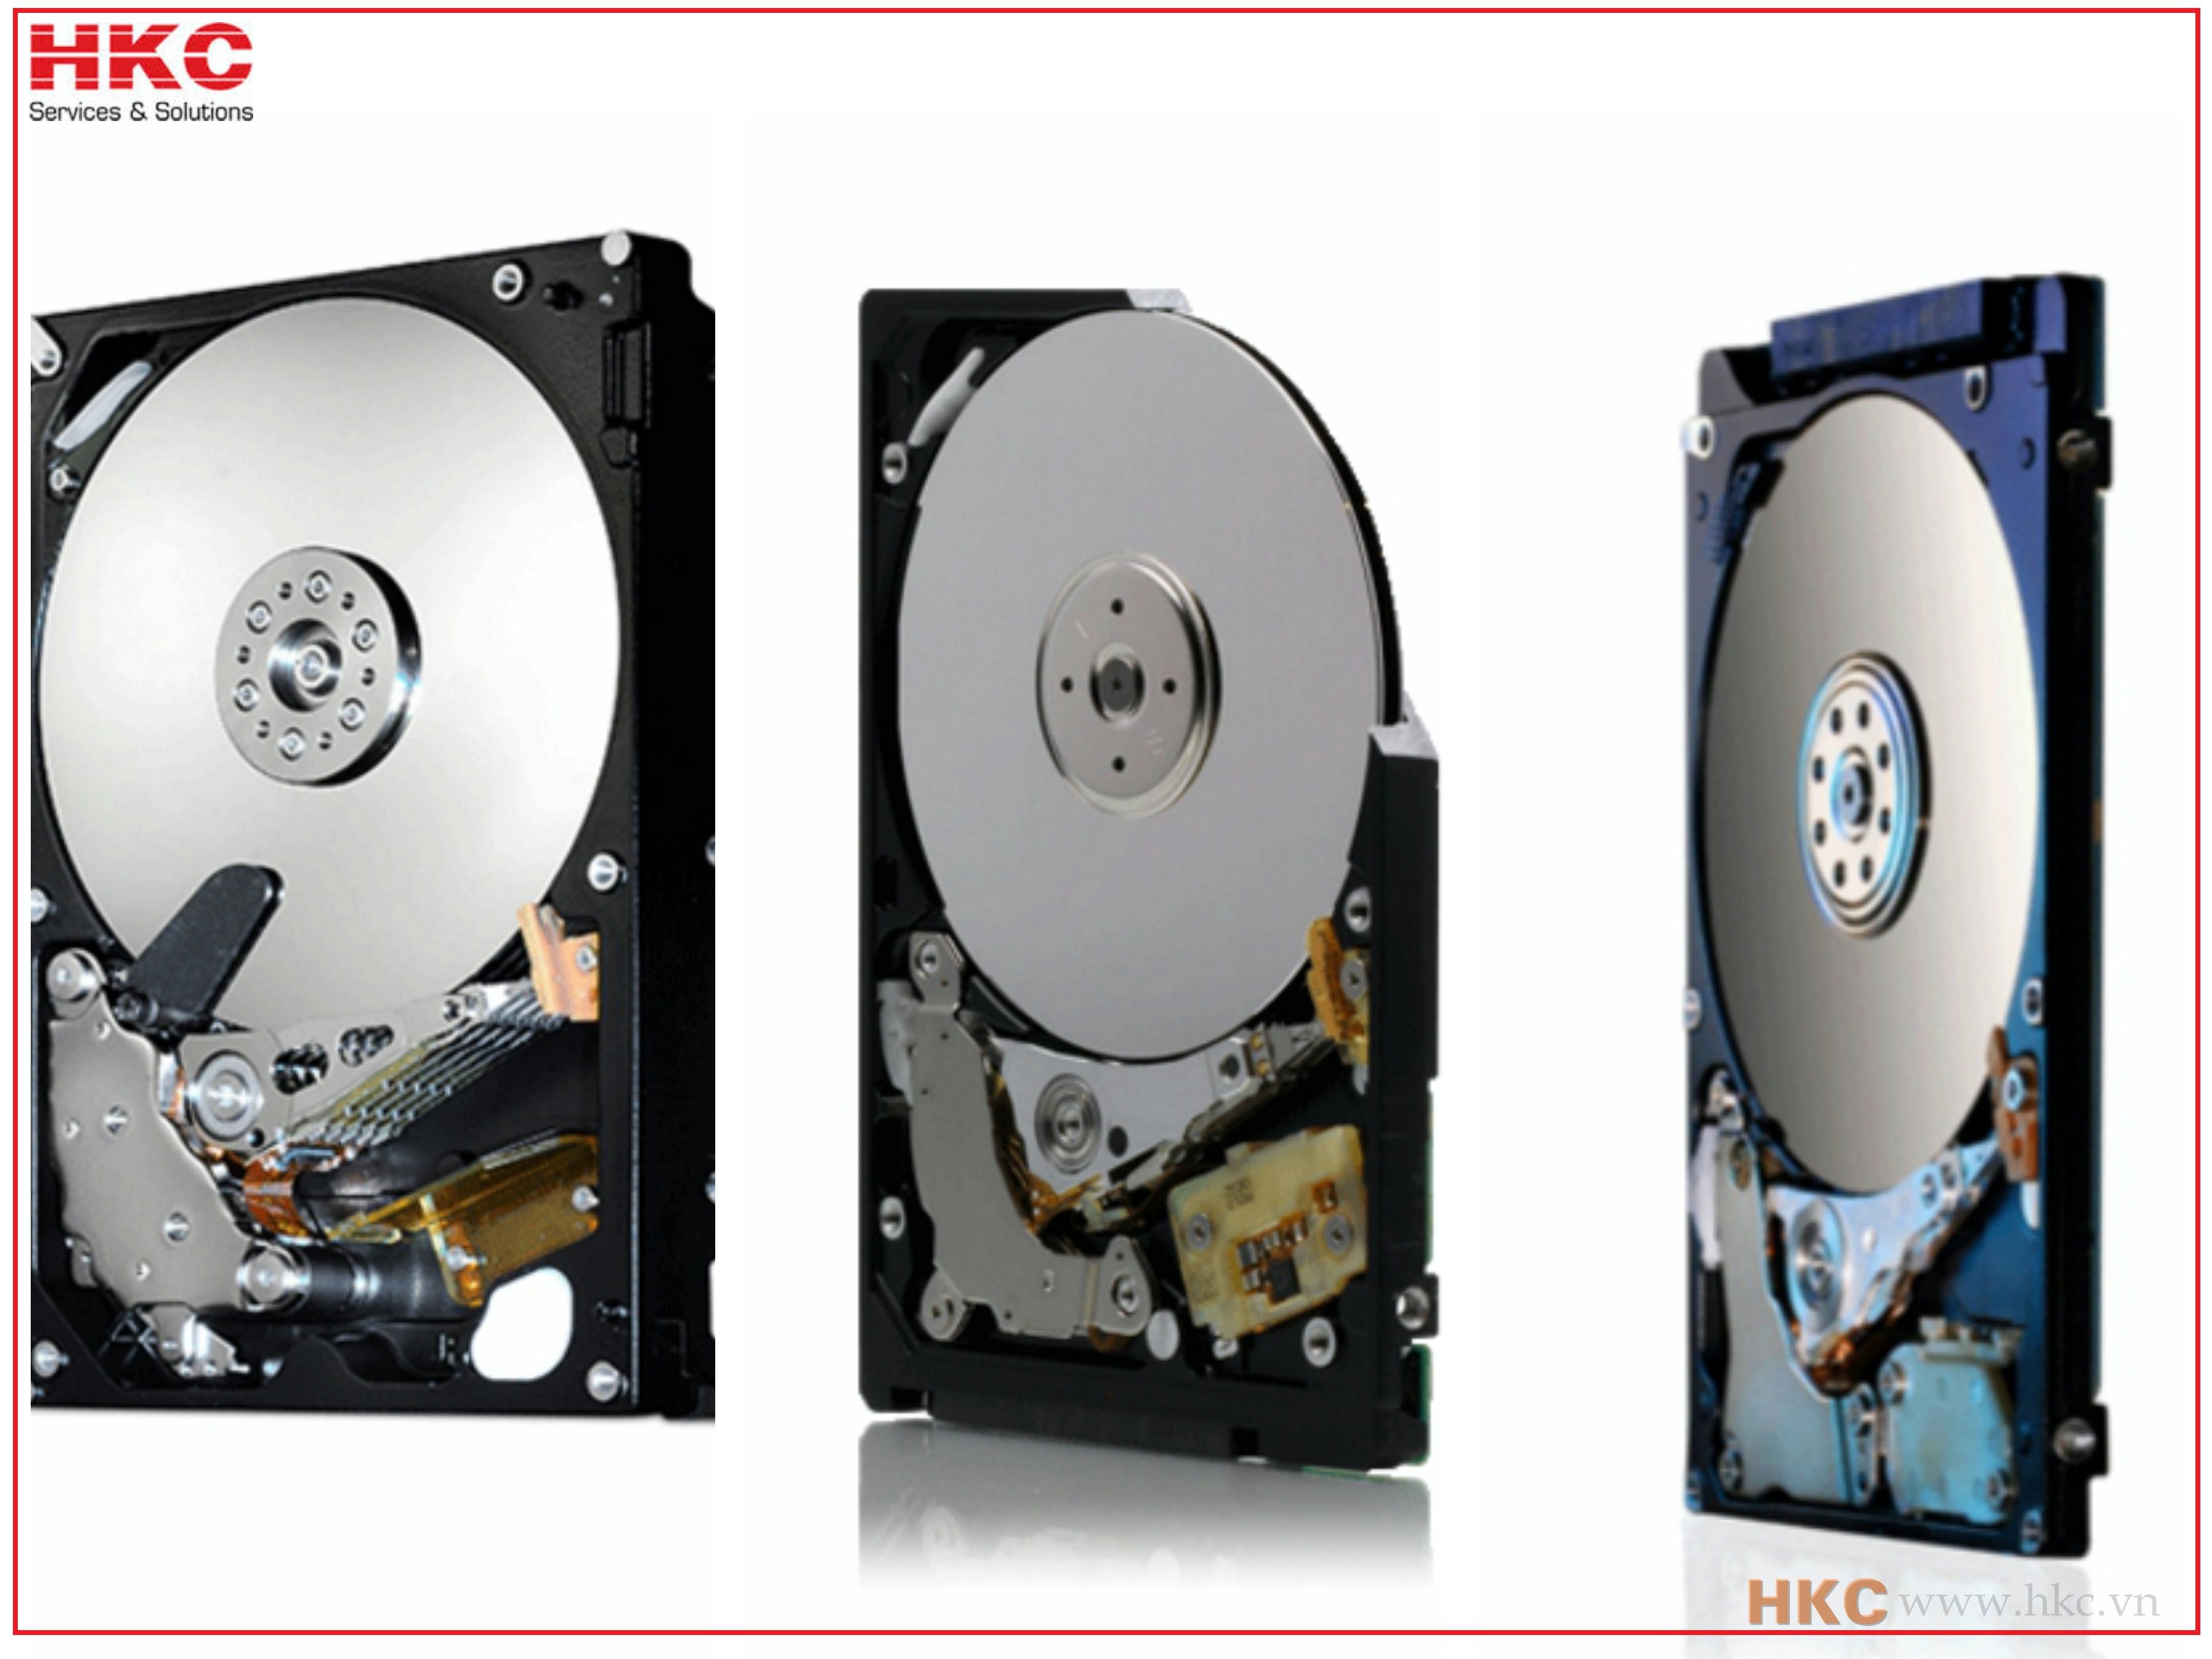 Hitachi Ổ cứng Laptop 1TB 7200 giá rẻ